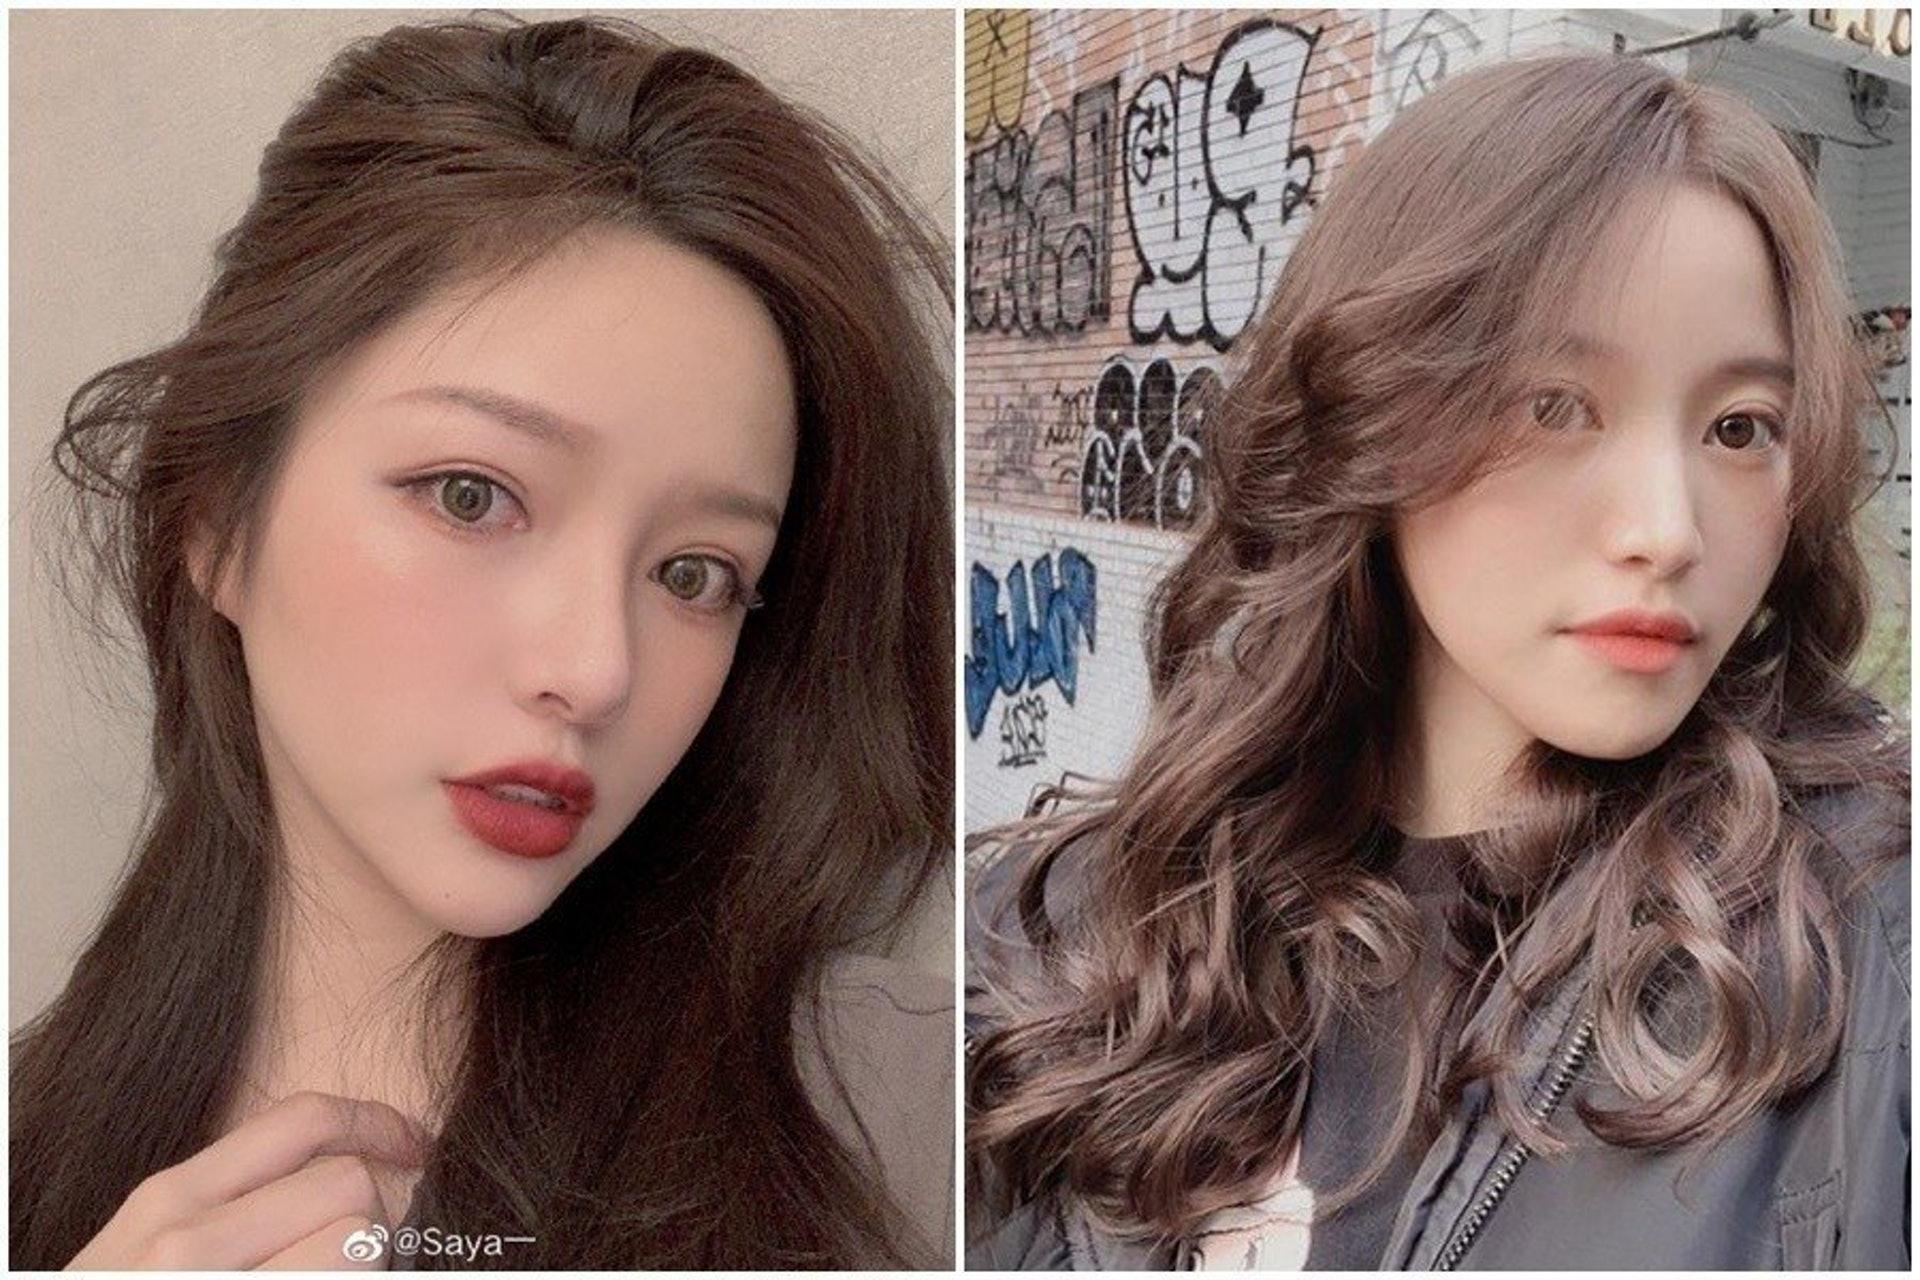 左:內地網紅Saya微博圖片;右:台灣網紅蔡瑞雪IG圖片